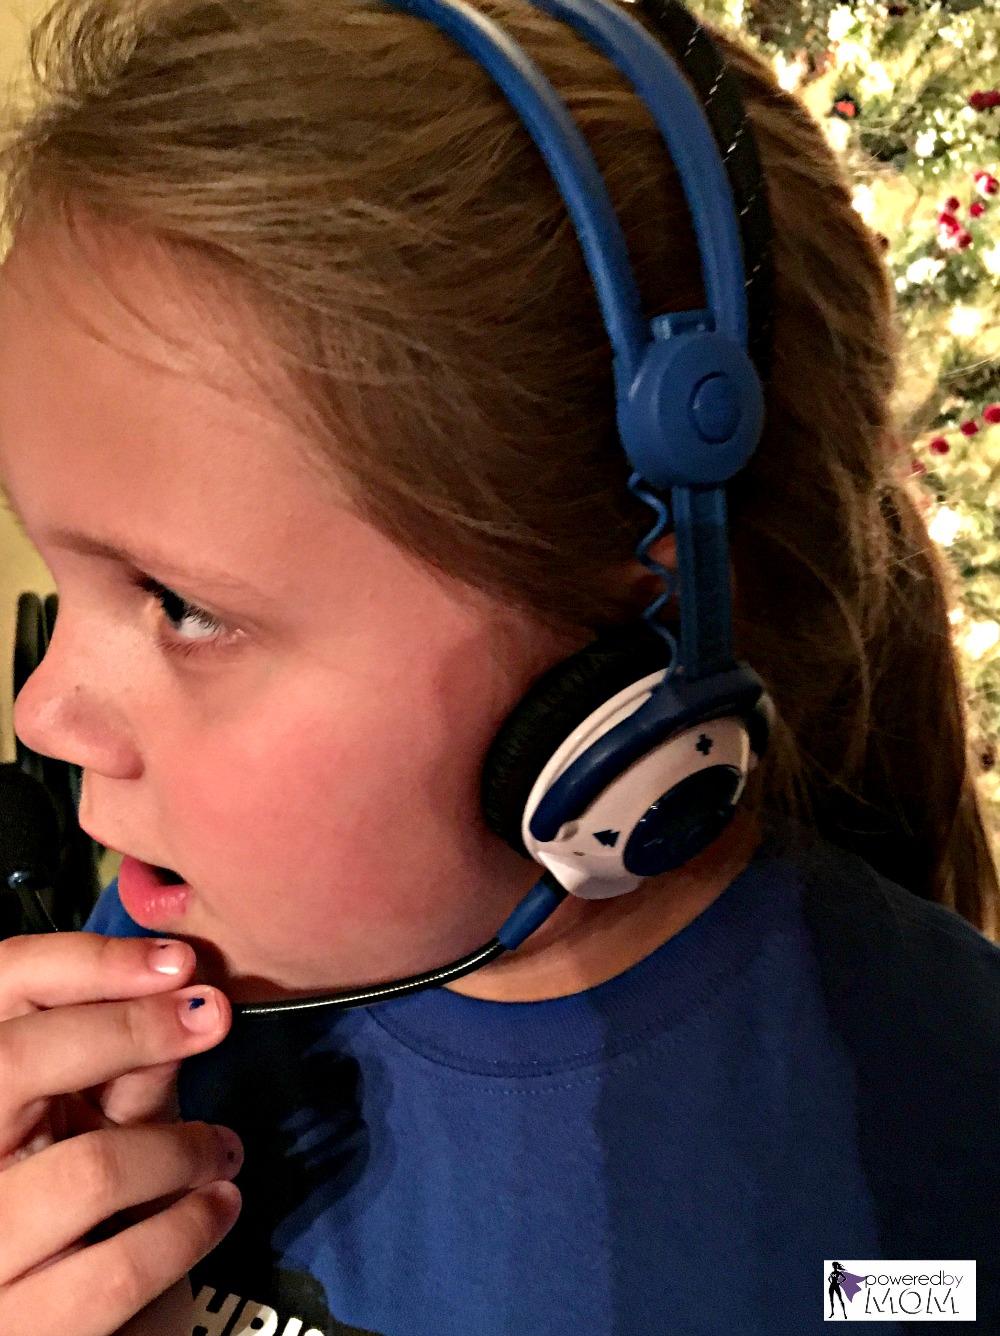 kidz-gear-headphones